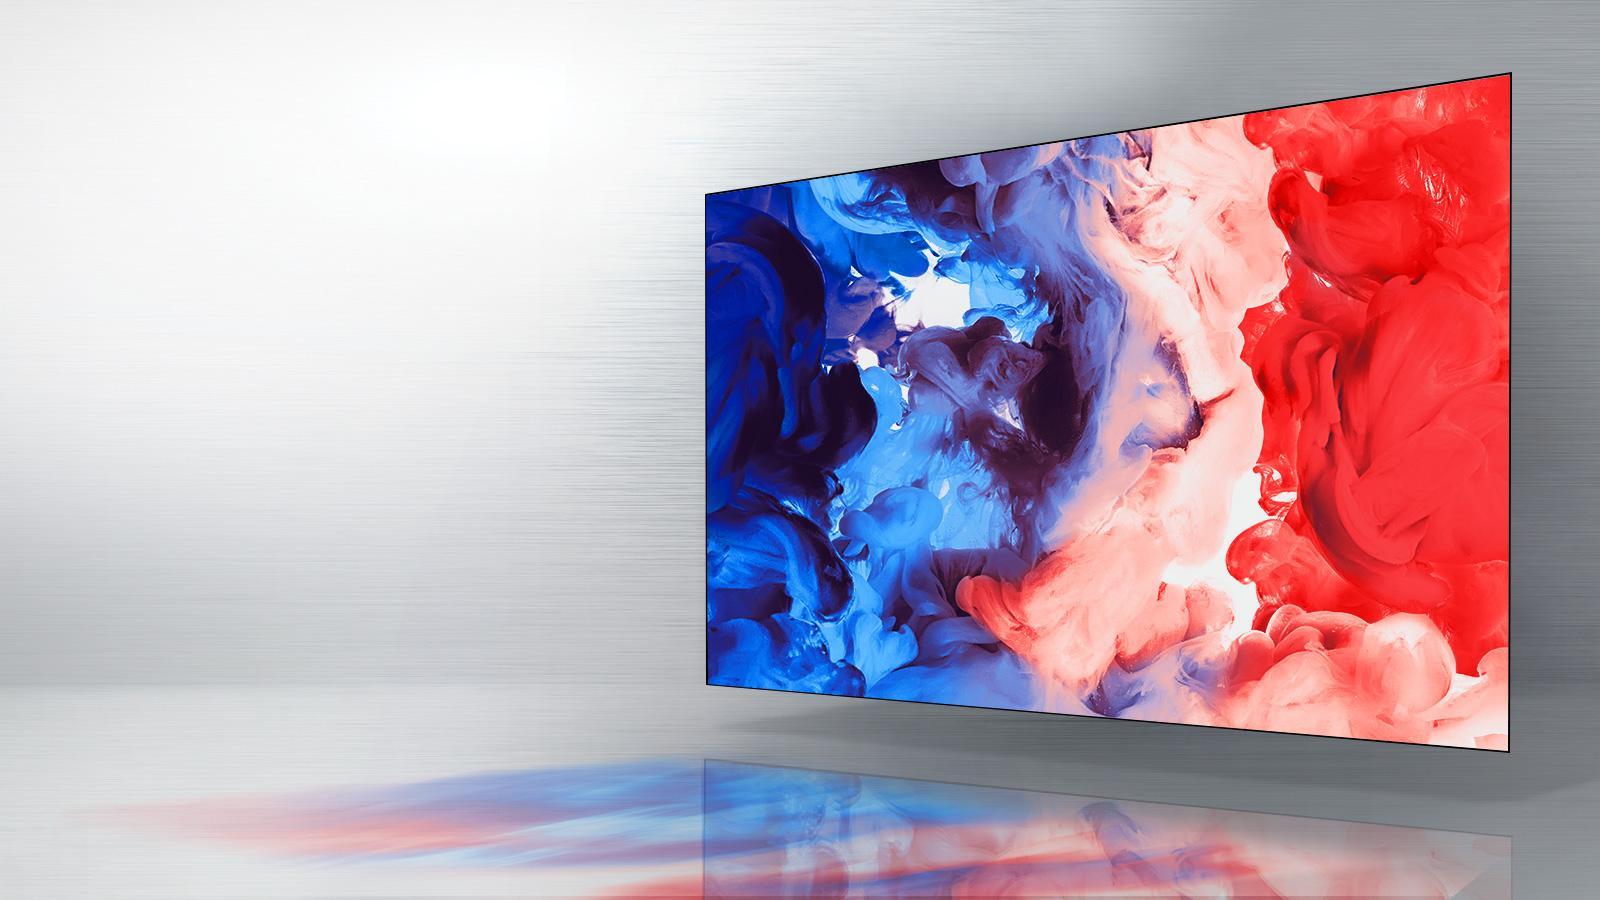 LG 65UH6550: 65-inch 4K UHD HDR Smart LED TV